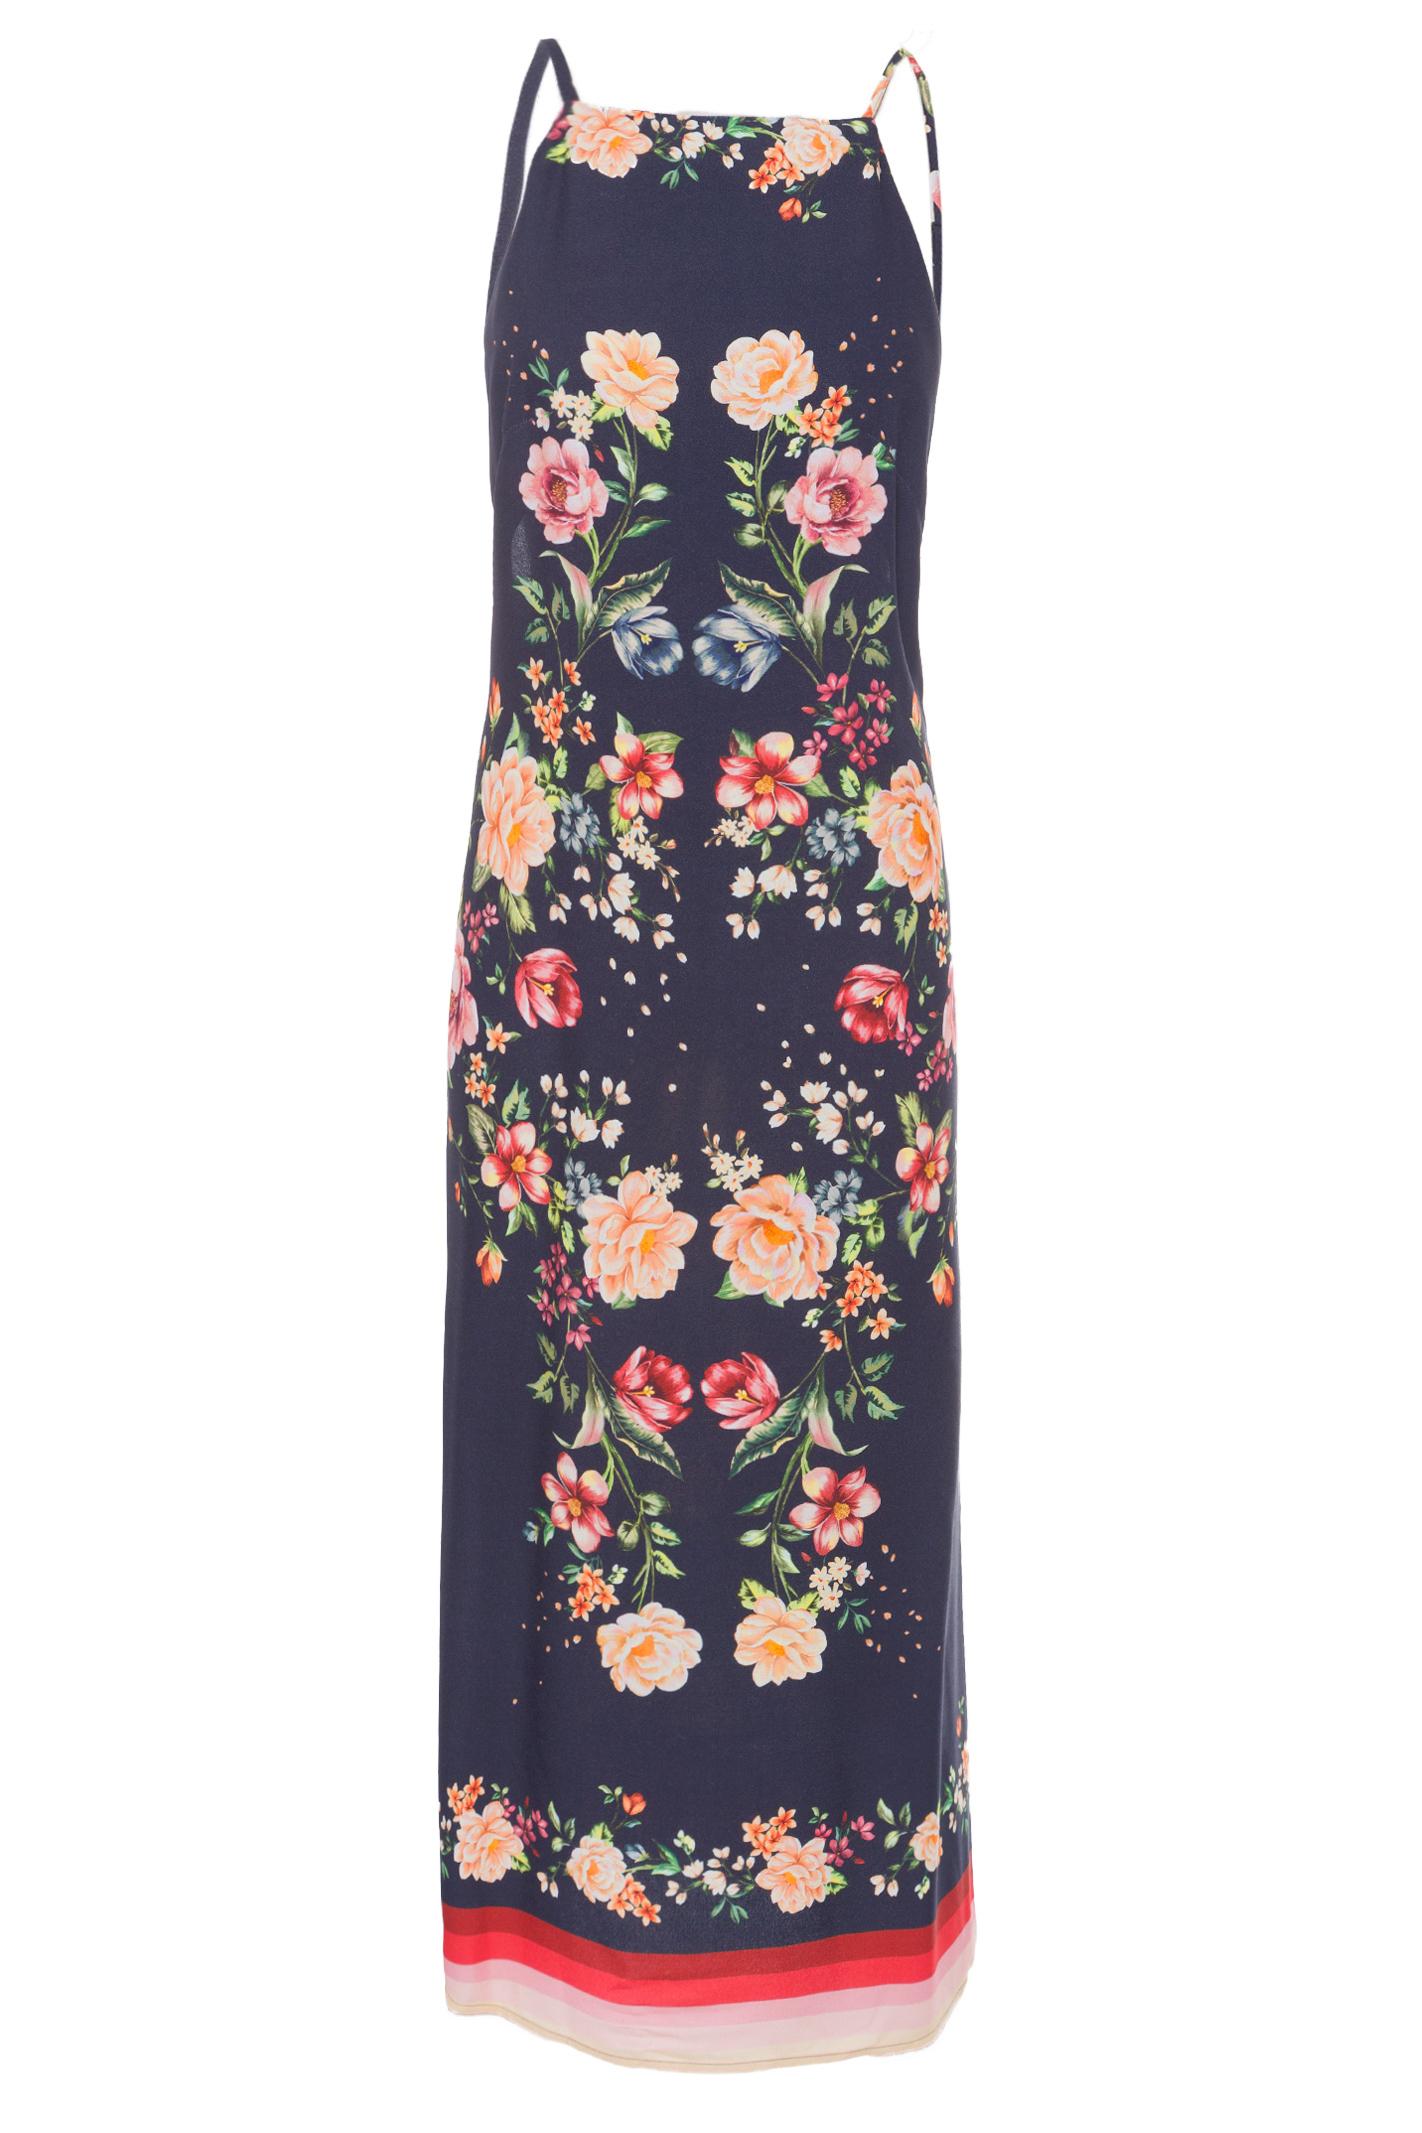 Vestido Coluna Magia De Flor